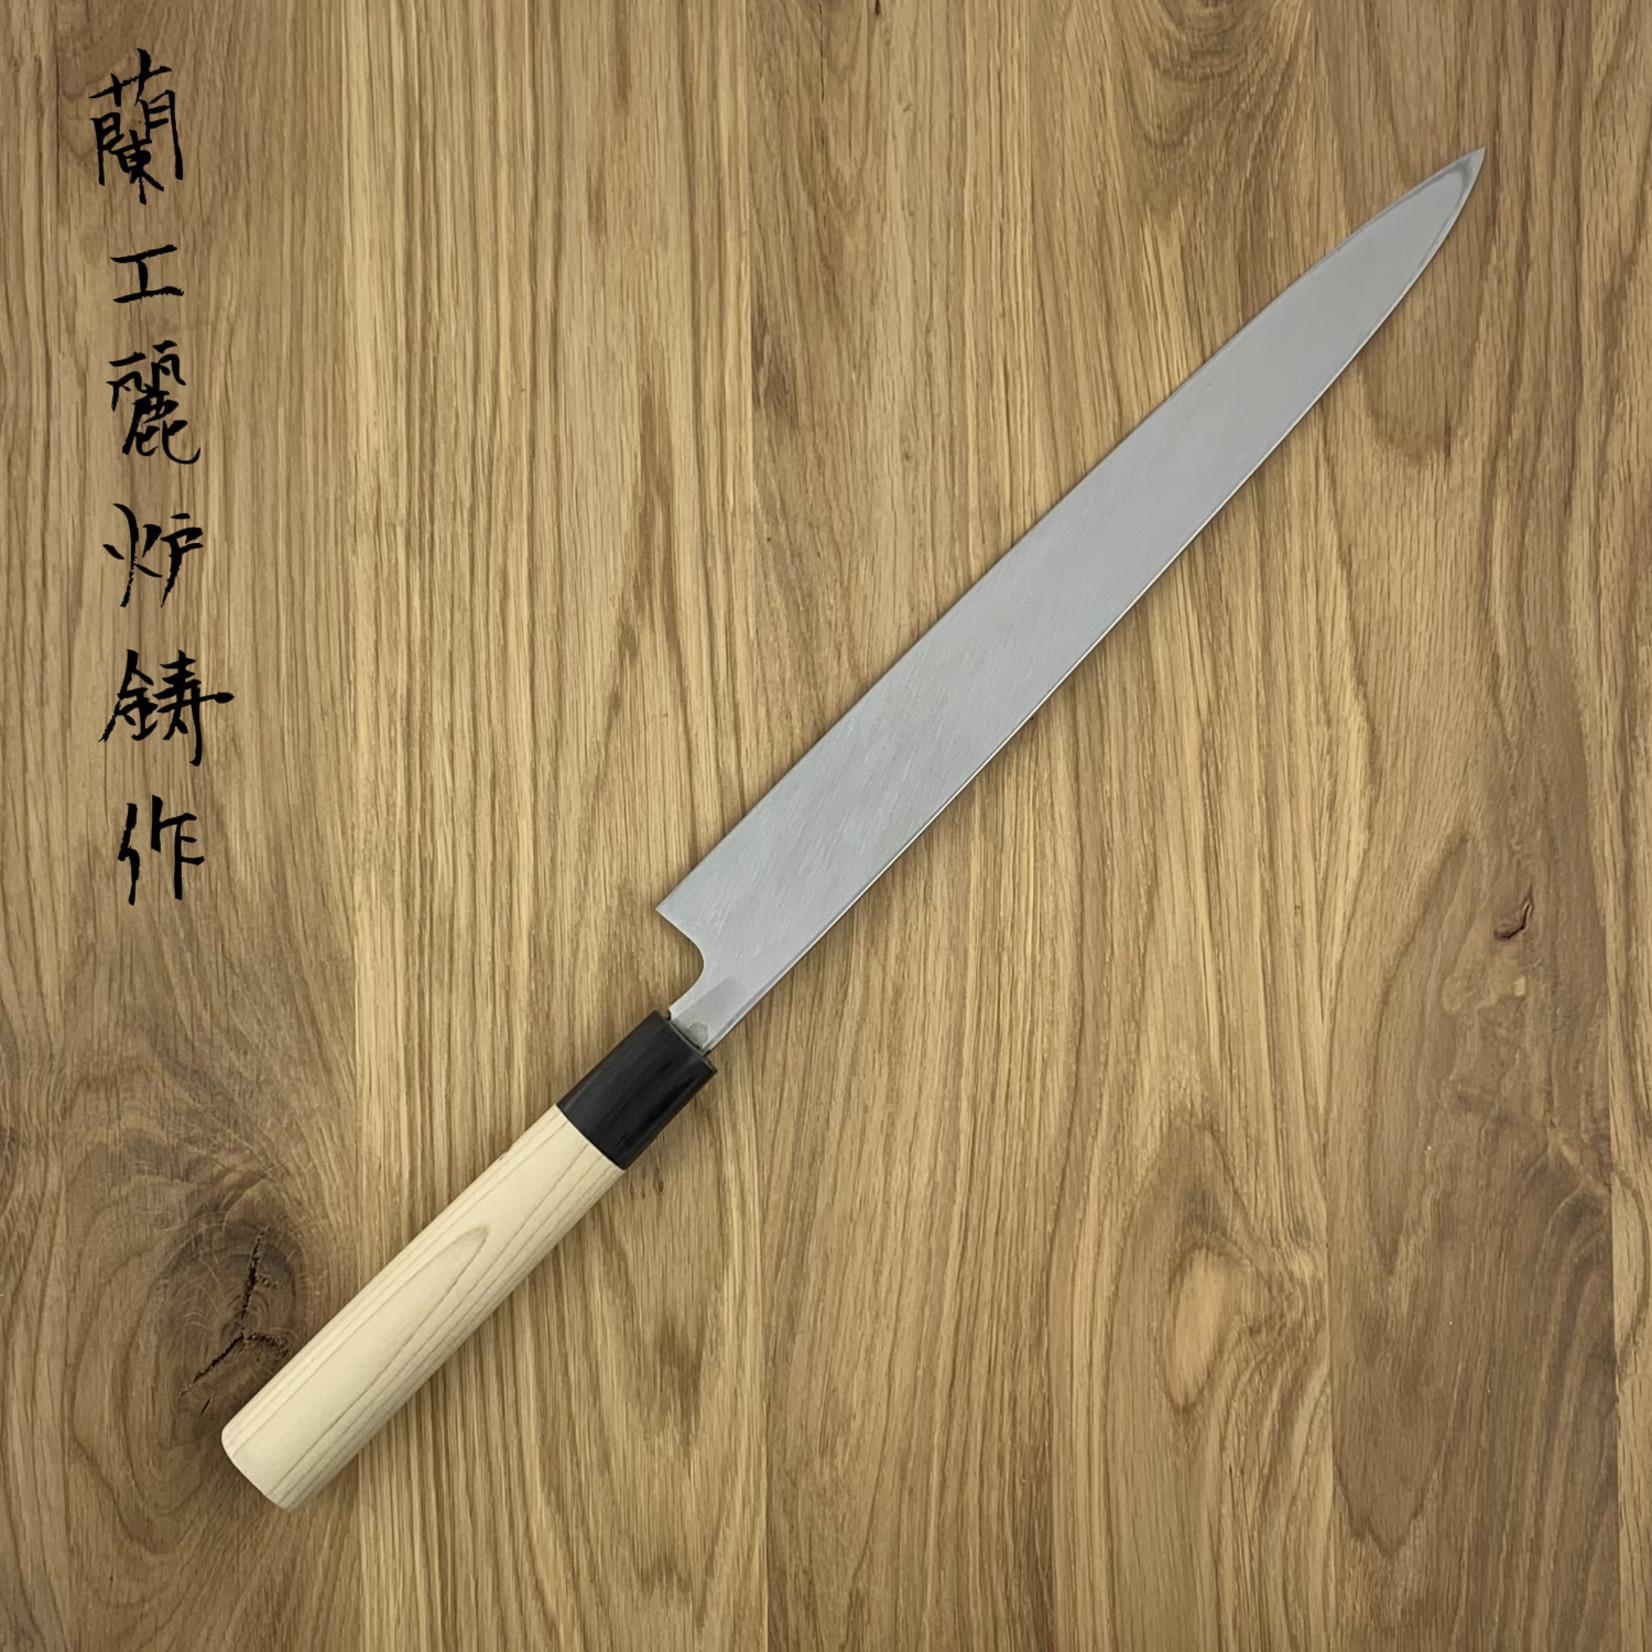 SAKAI TAKAYUKI Yanagiba 270 mm Inox 04304